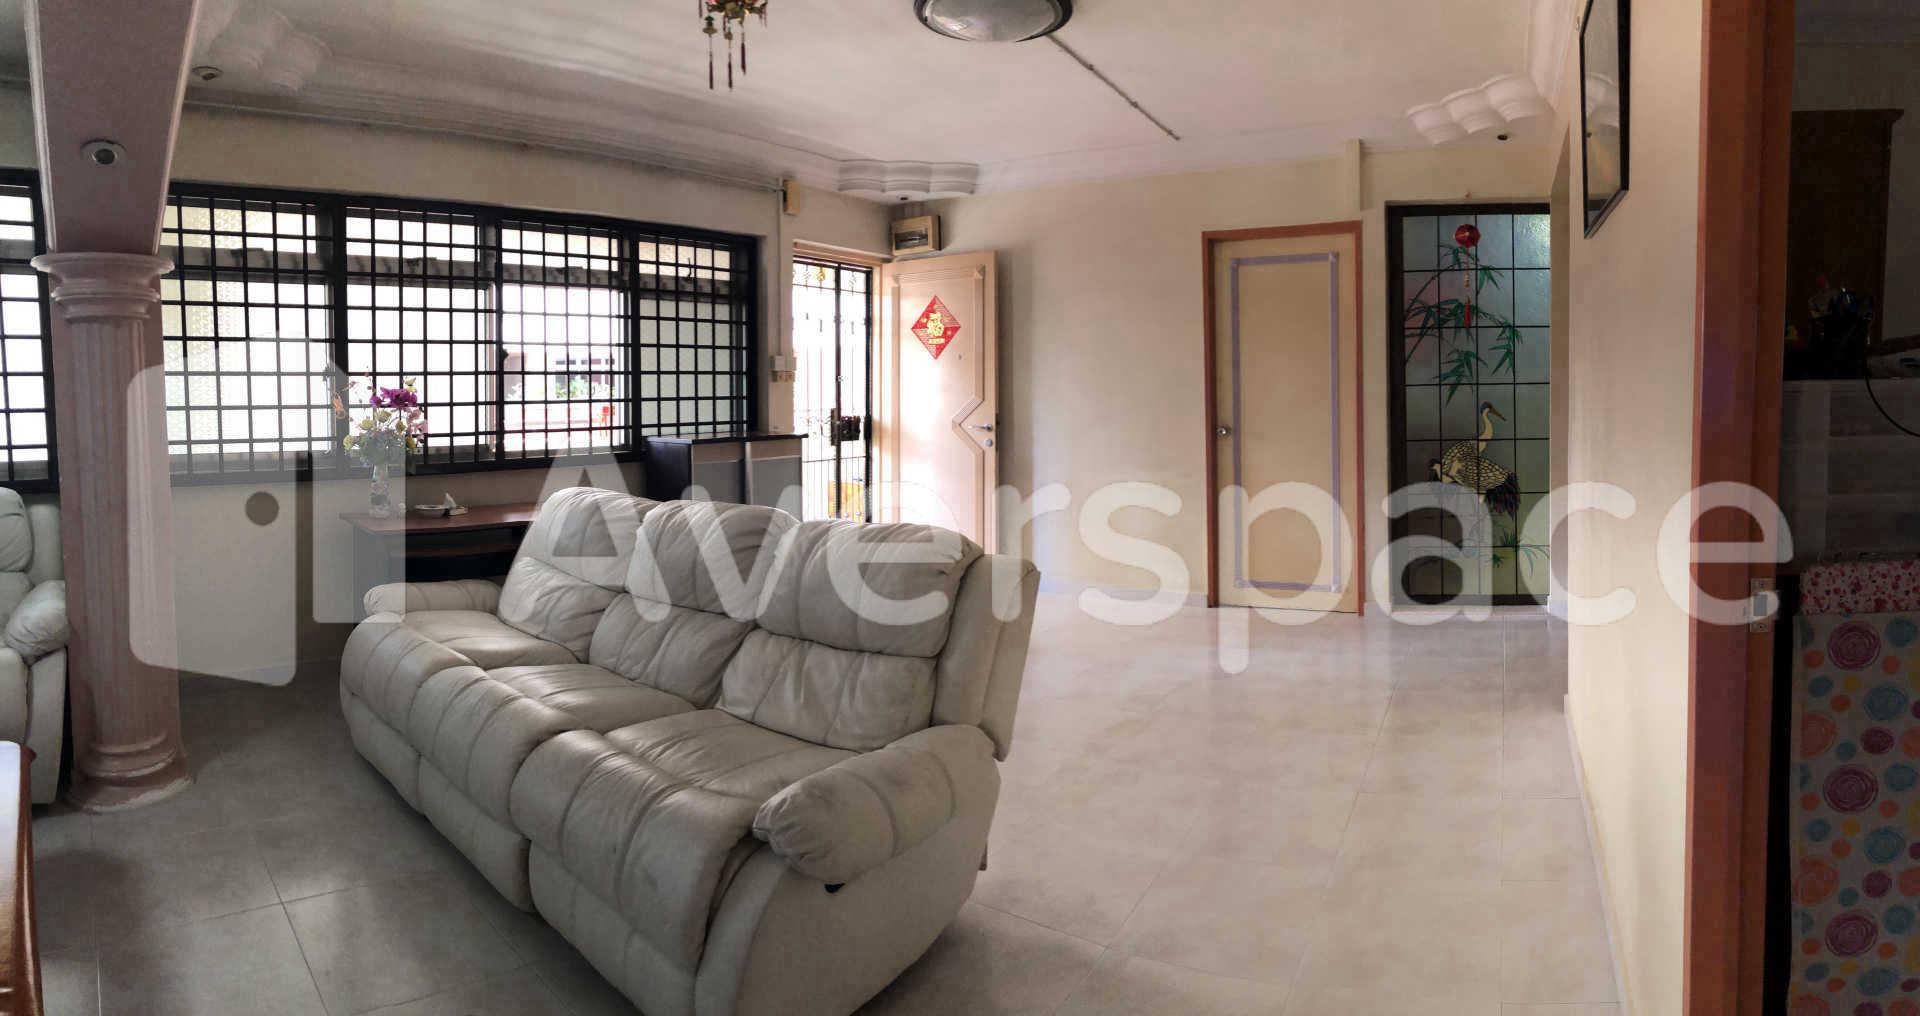 577 Pasir Ris Street 53, District 18 Singapore